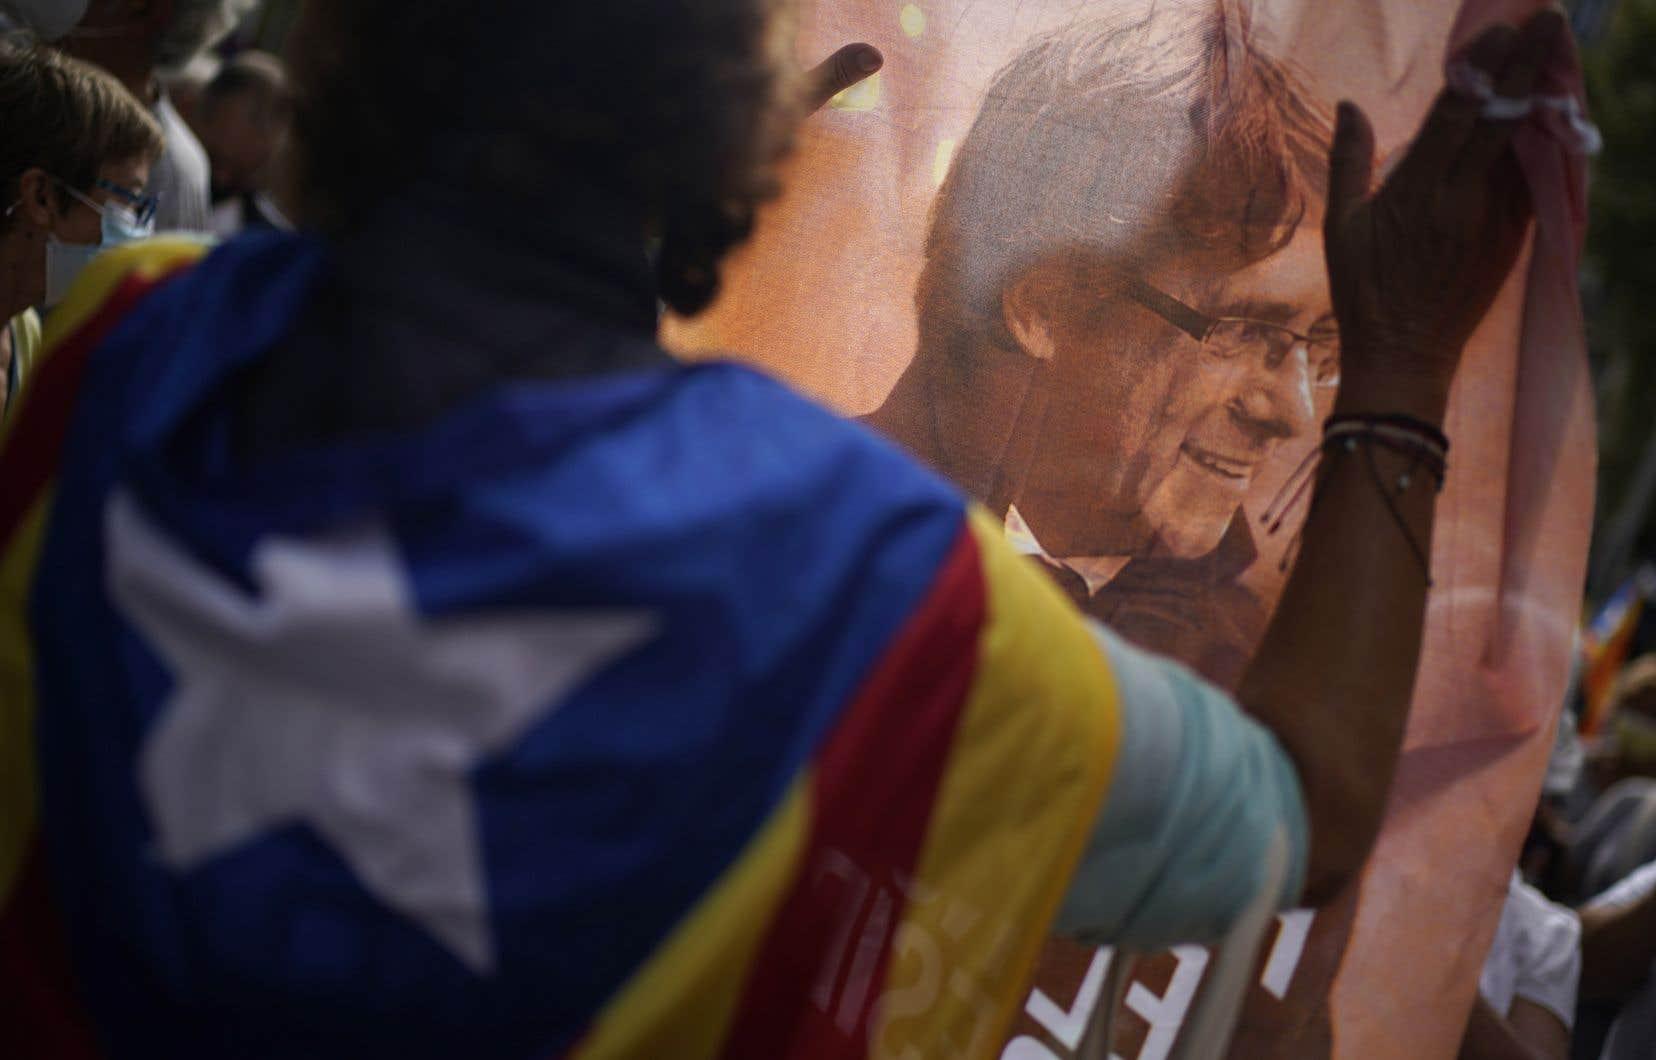 Cette arrestation a provoqué la colère des indépendantistes catalans, dont plusieurs centaines ont manifesté vendredi devant le consulat d'Italie à Barcelone.